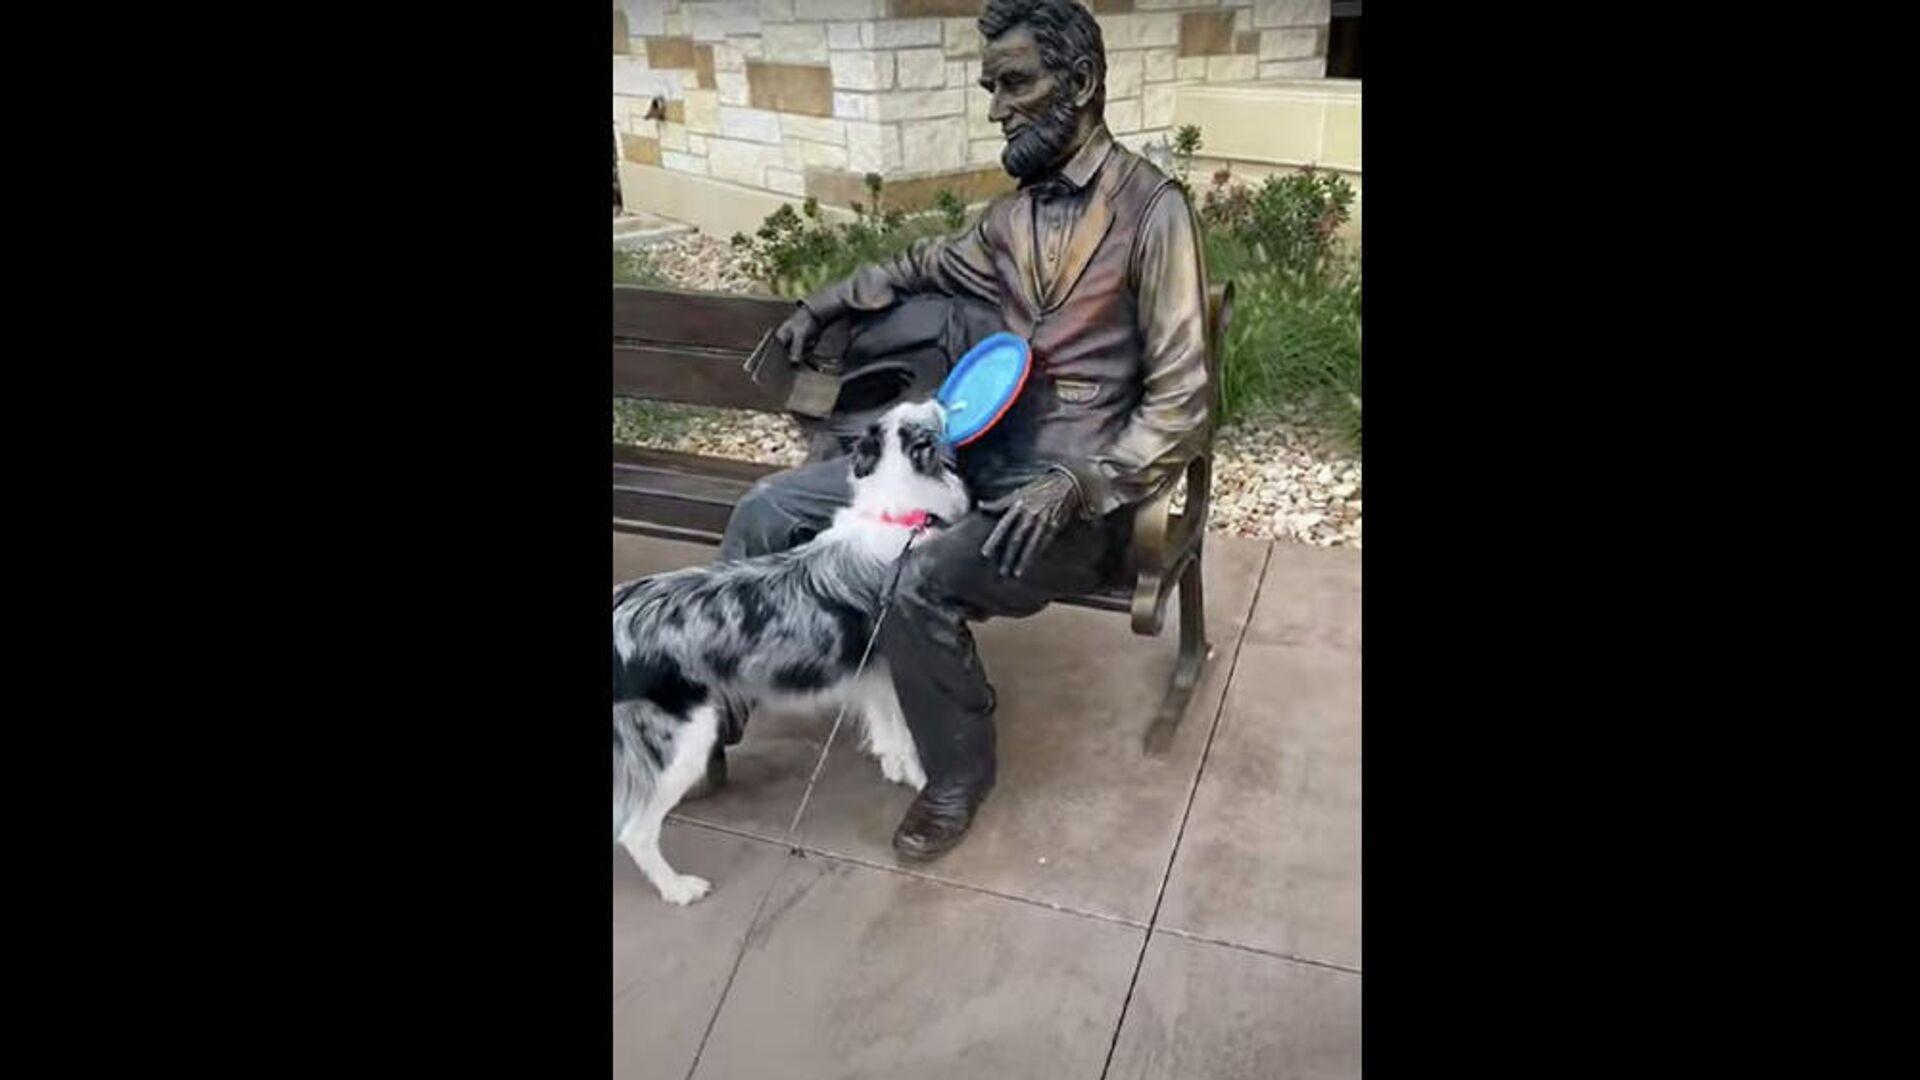 Σκύλος θέλει να παίξει φρίσμπι με ένα άγαλμα - Sputnik Ελλάδα, 1920, 26.09.2021